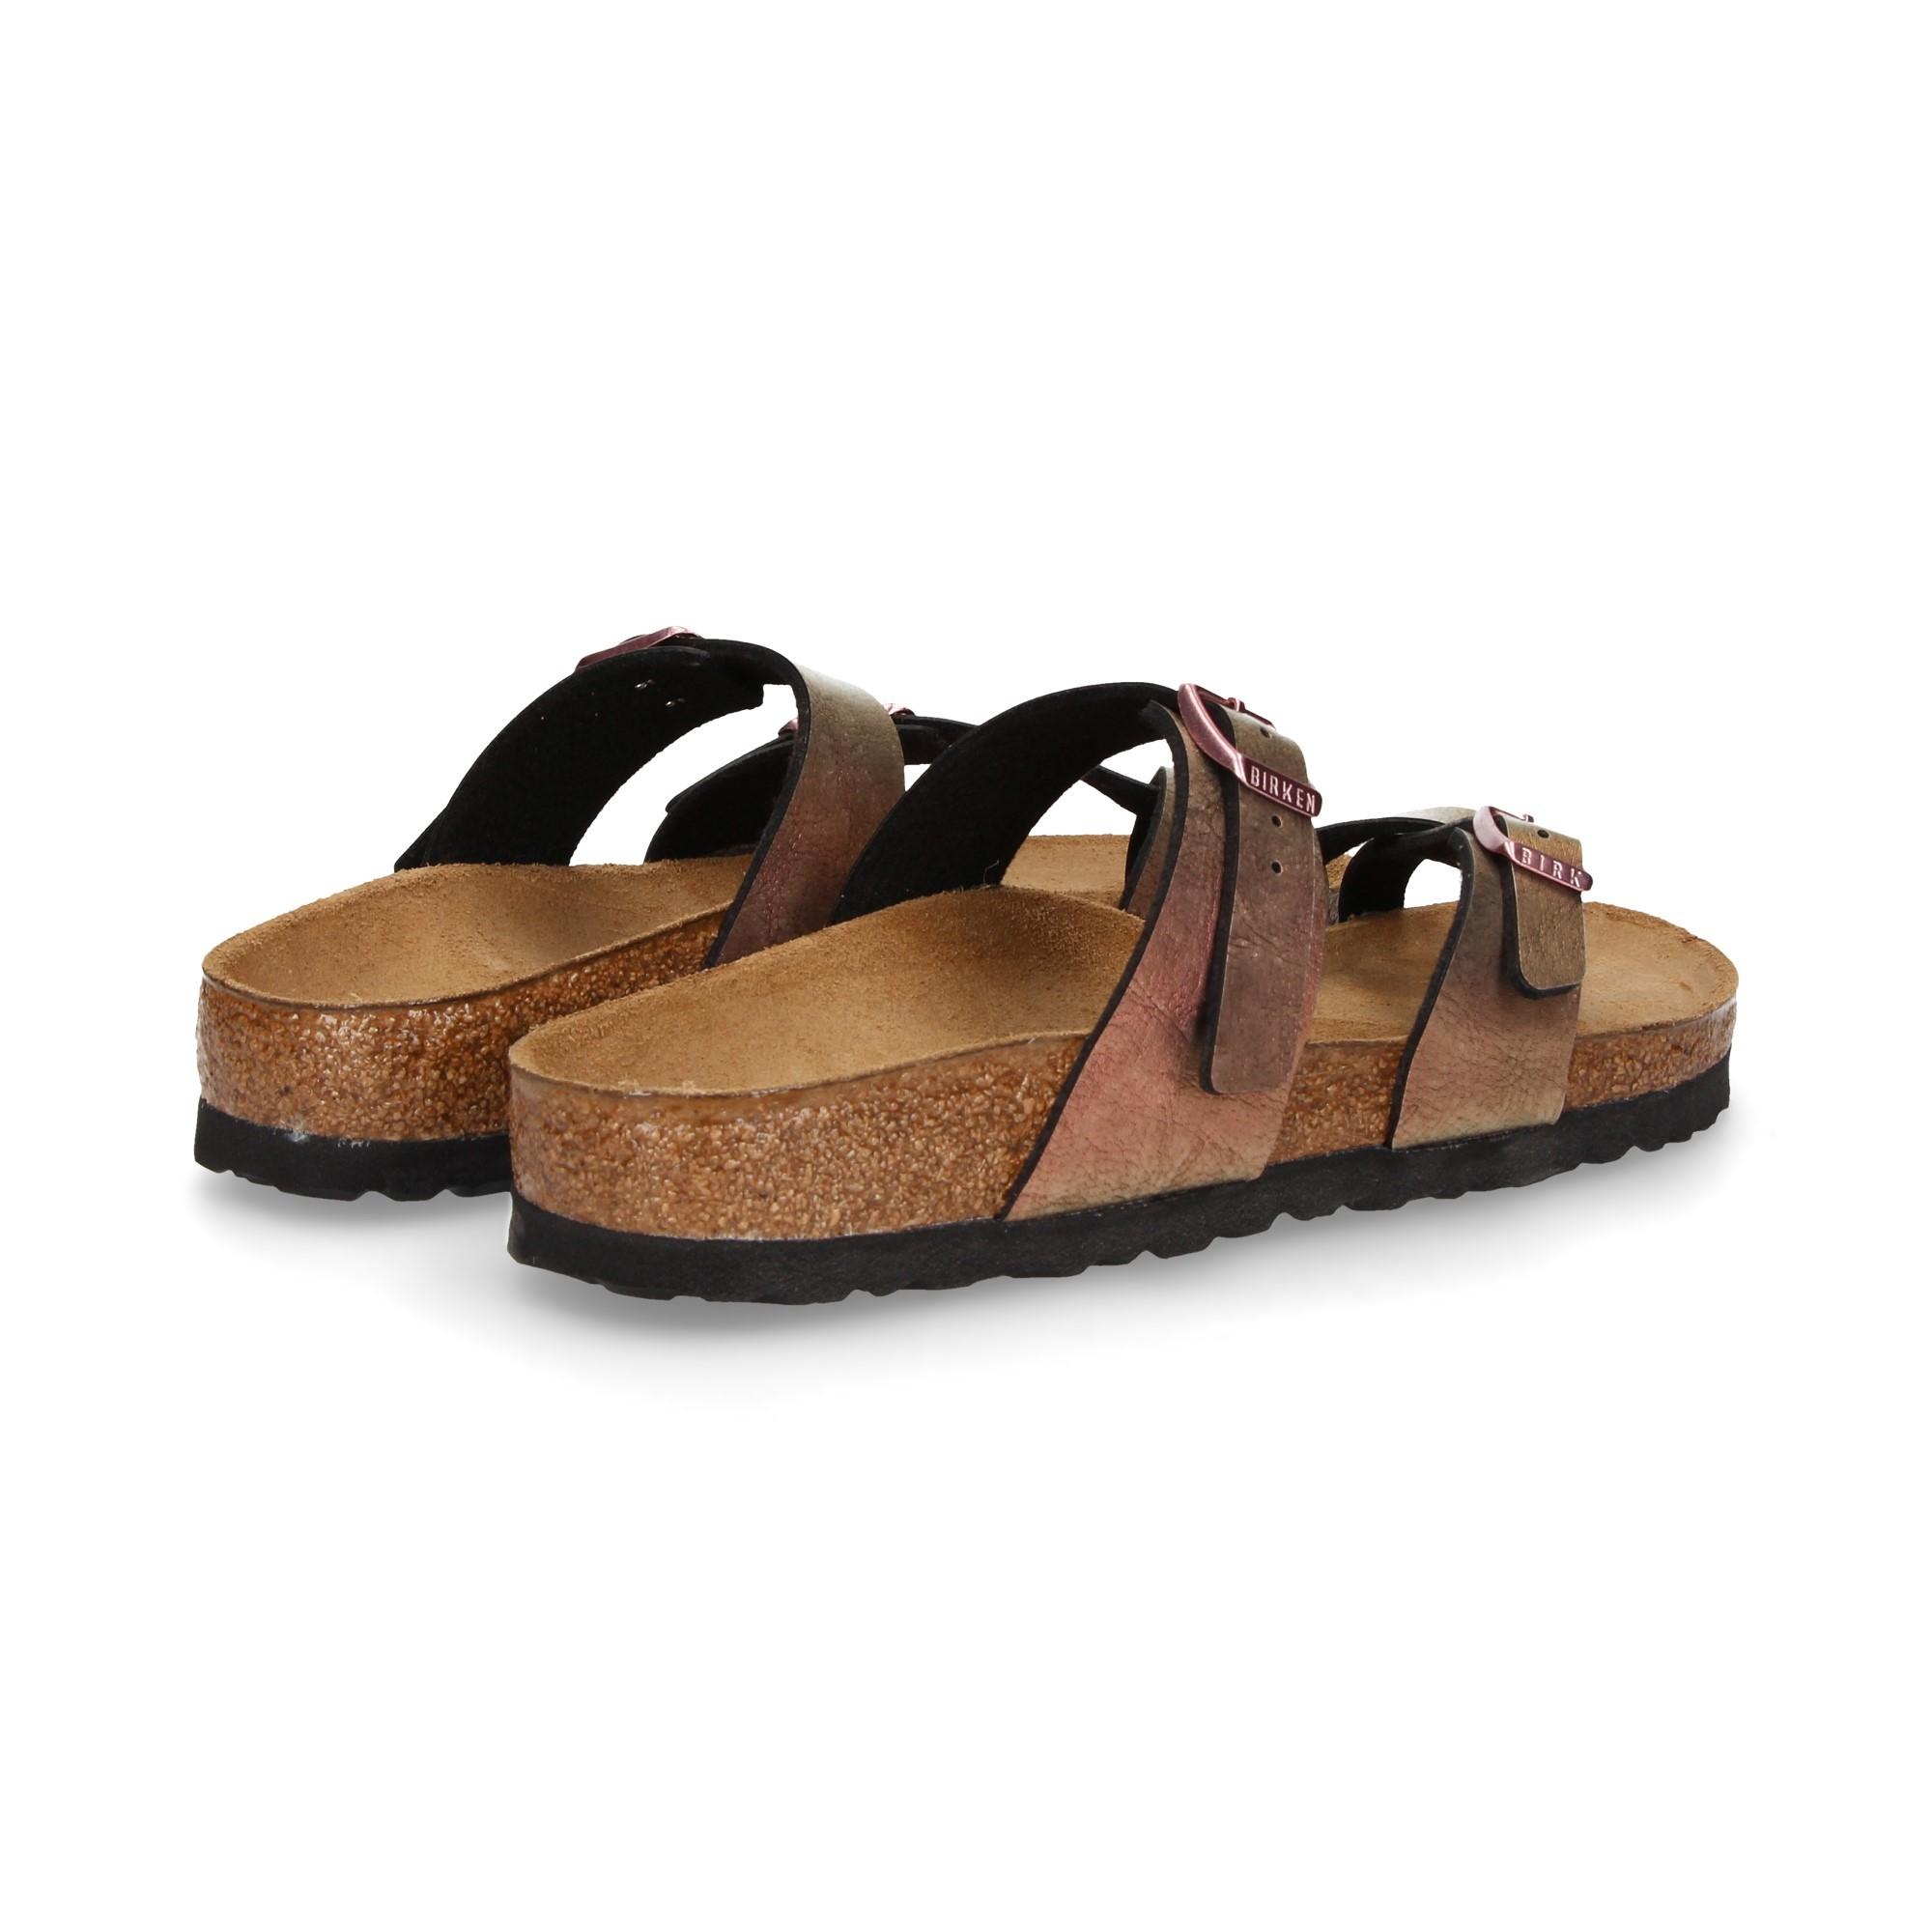 493fd1ff5d00ab Birkenstock Super Birki Clog Leather Ankle Strap Sandals